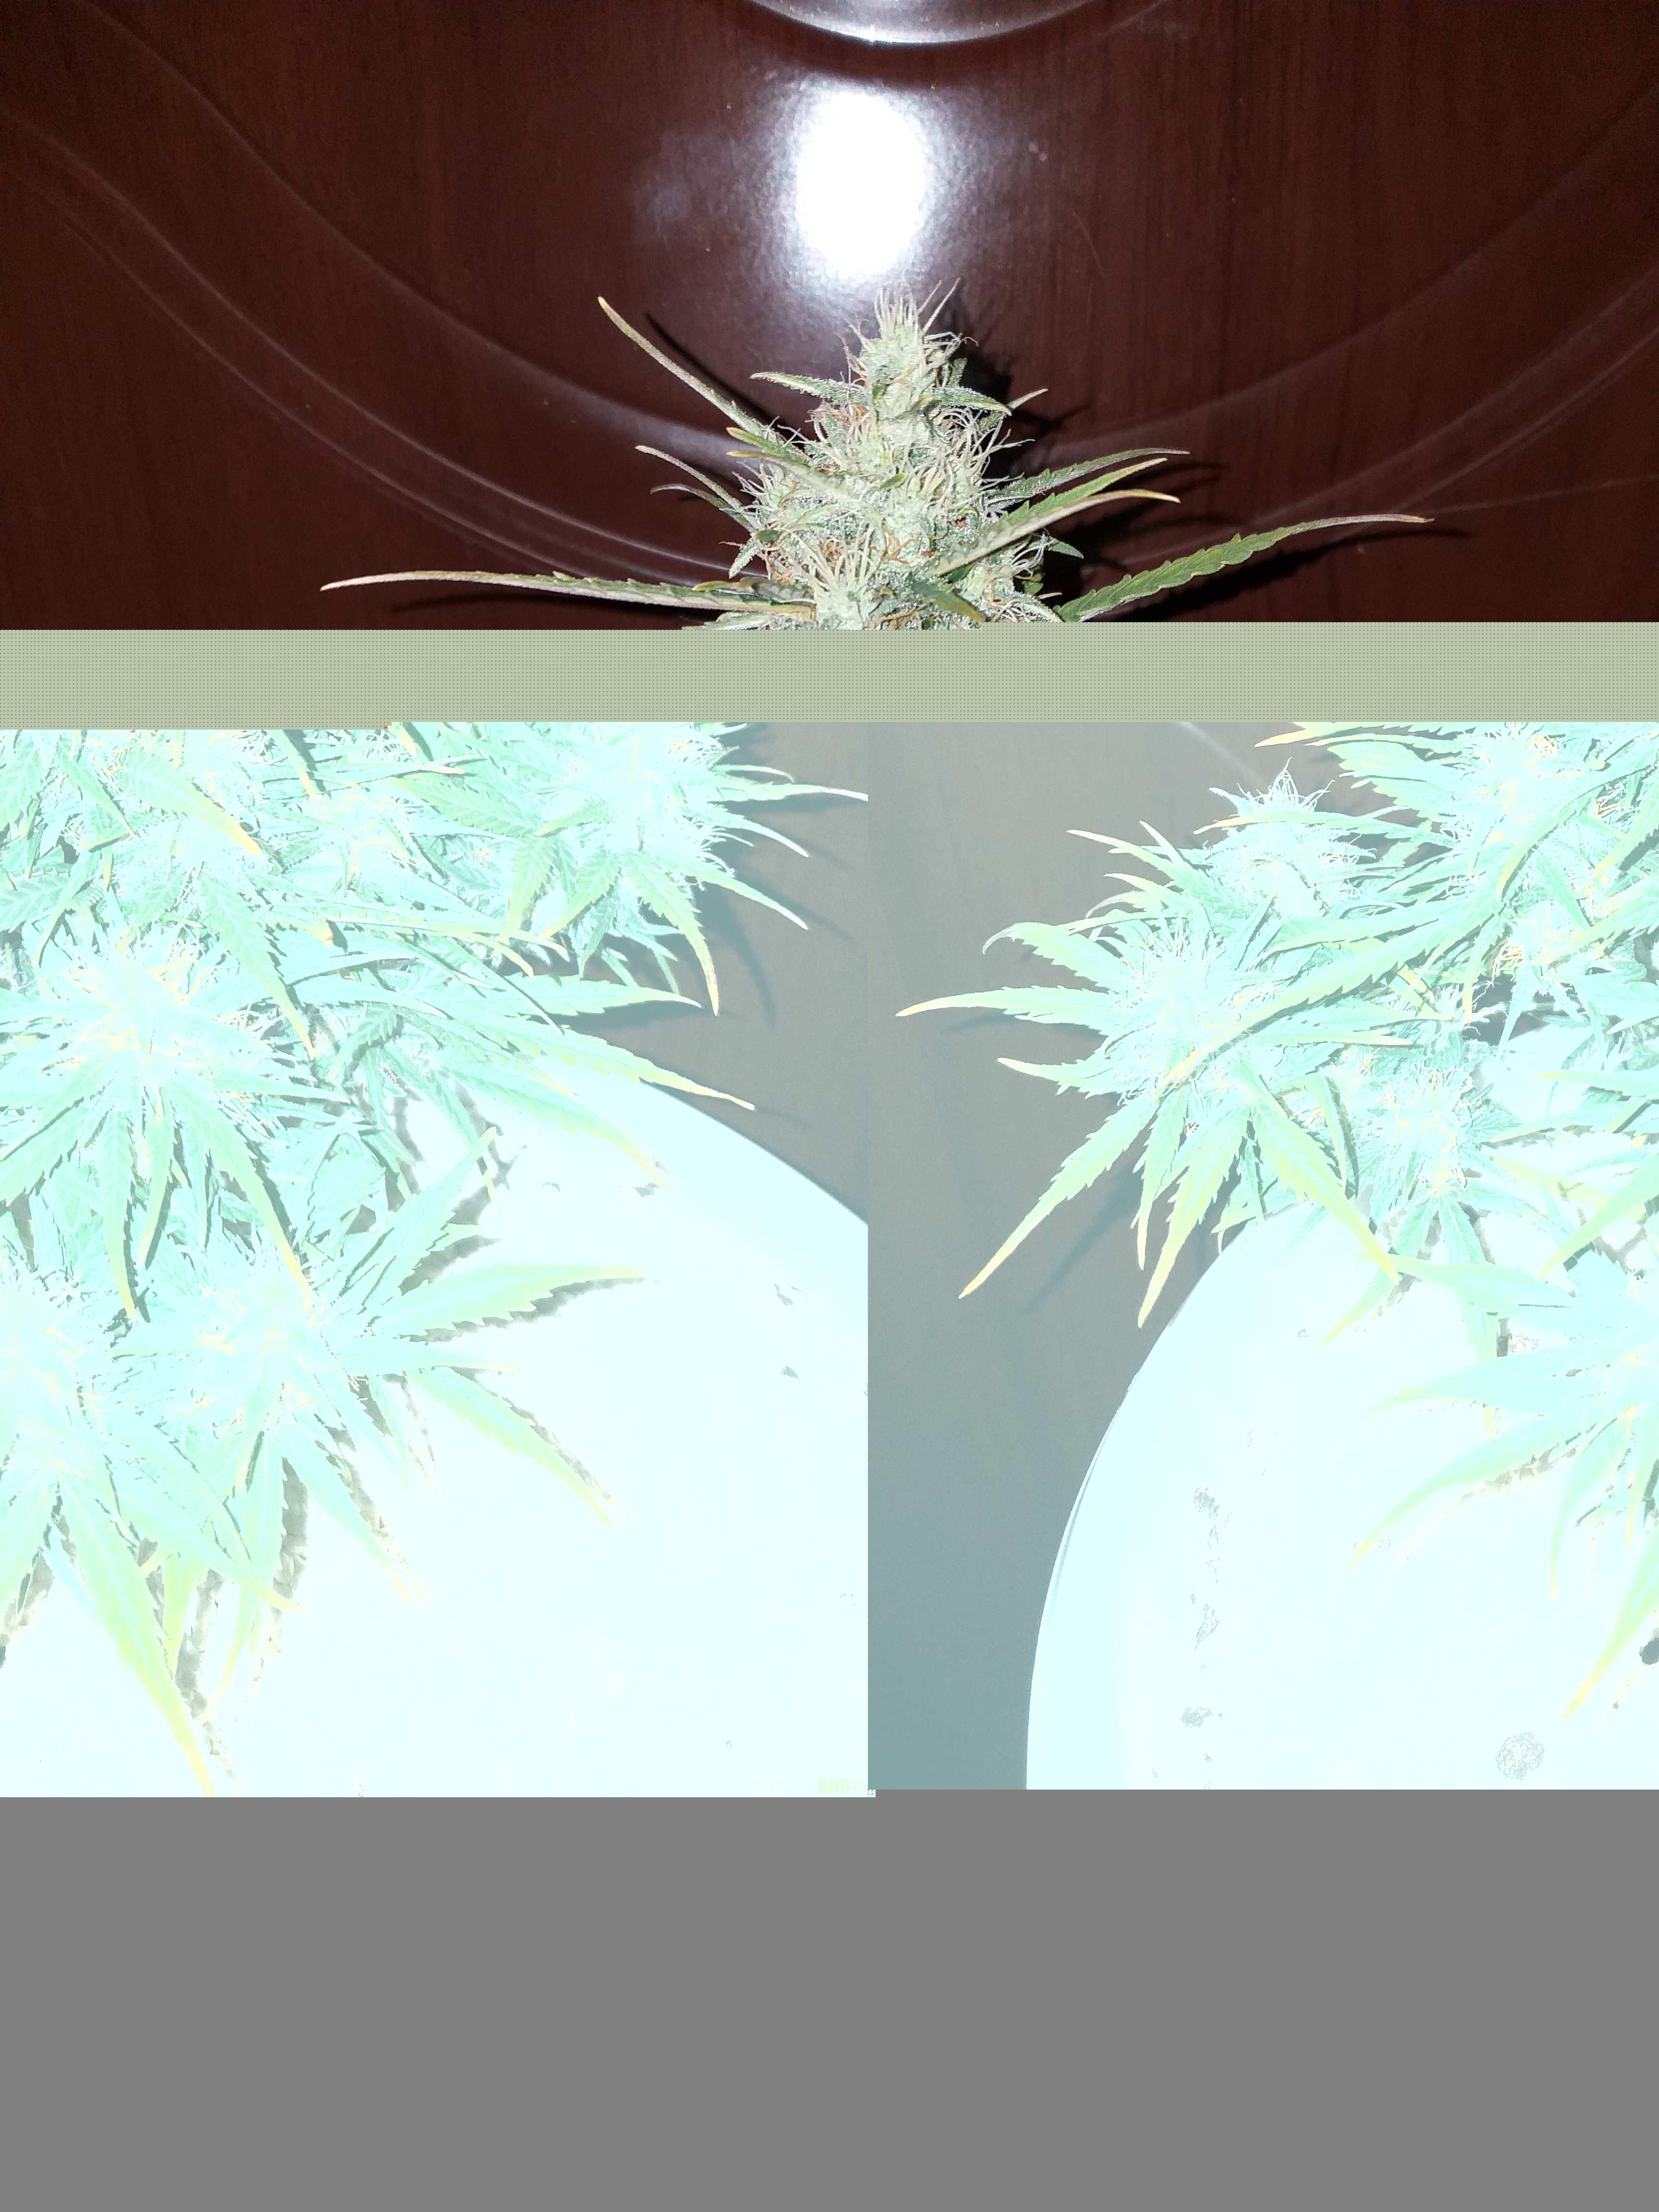 Заказал семена конопли форум купить экспресс тест на марихуану